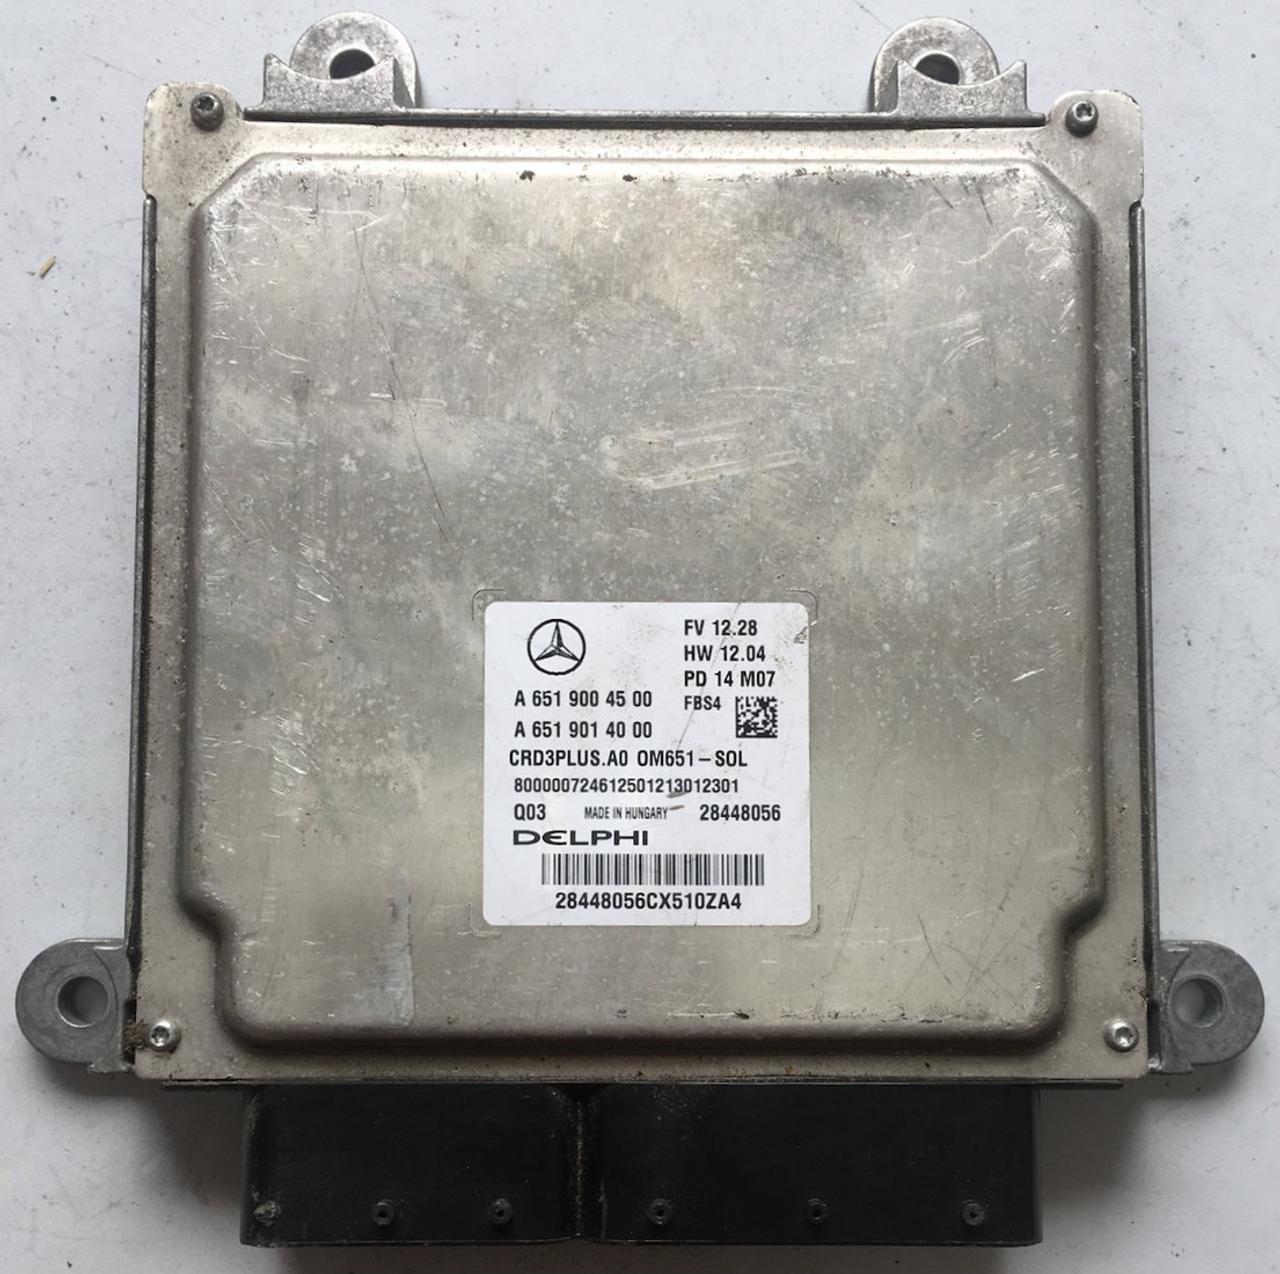 Plug & Play Delphi Engine ECU, Mercedes-Benz, A6519004500, A 651 900 45 00,  A6519014000, A 651 901 40 00, 28448056, CRD3PLUS A0, OM651 - SOL